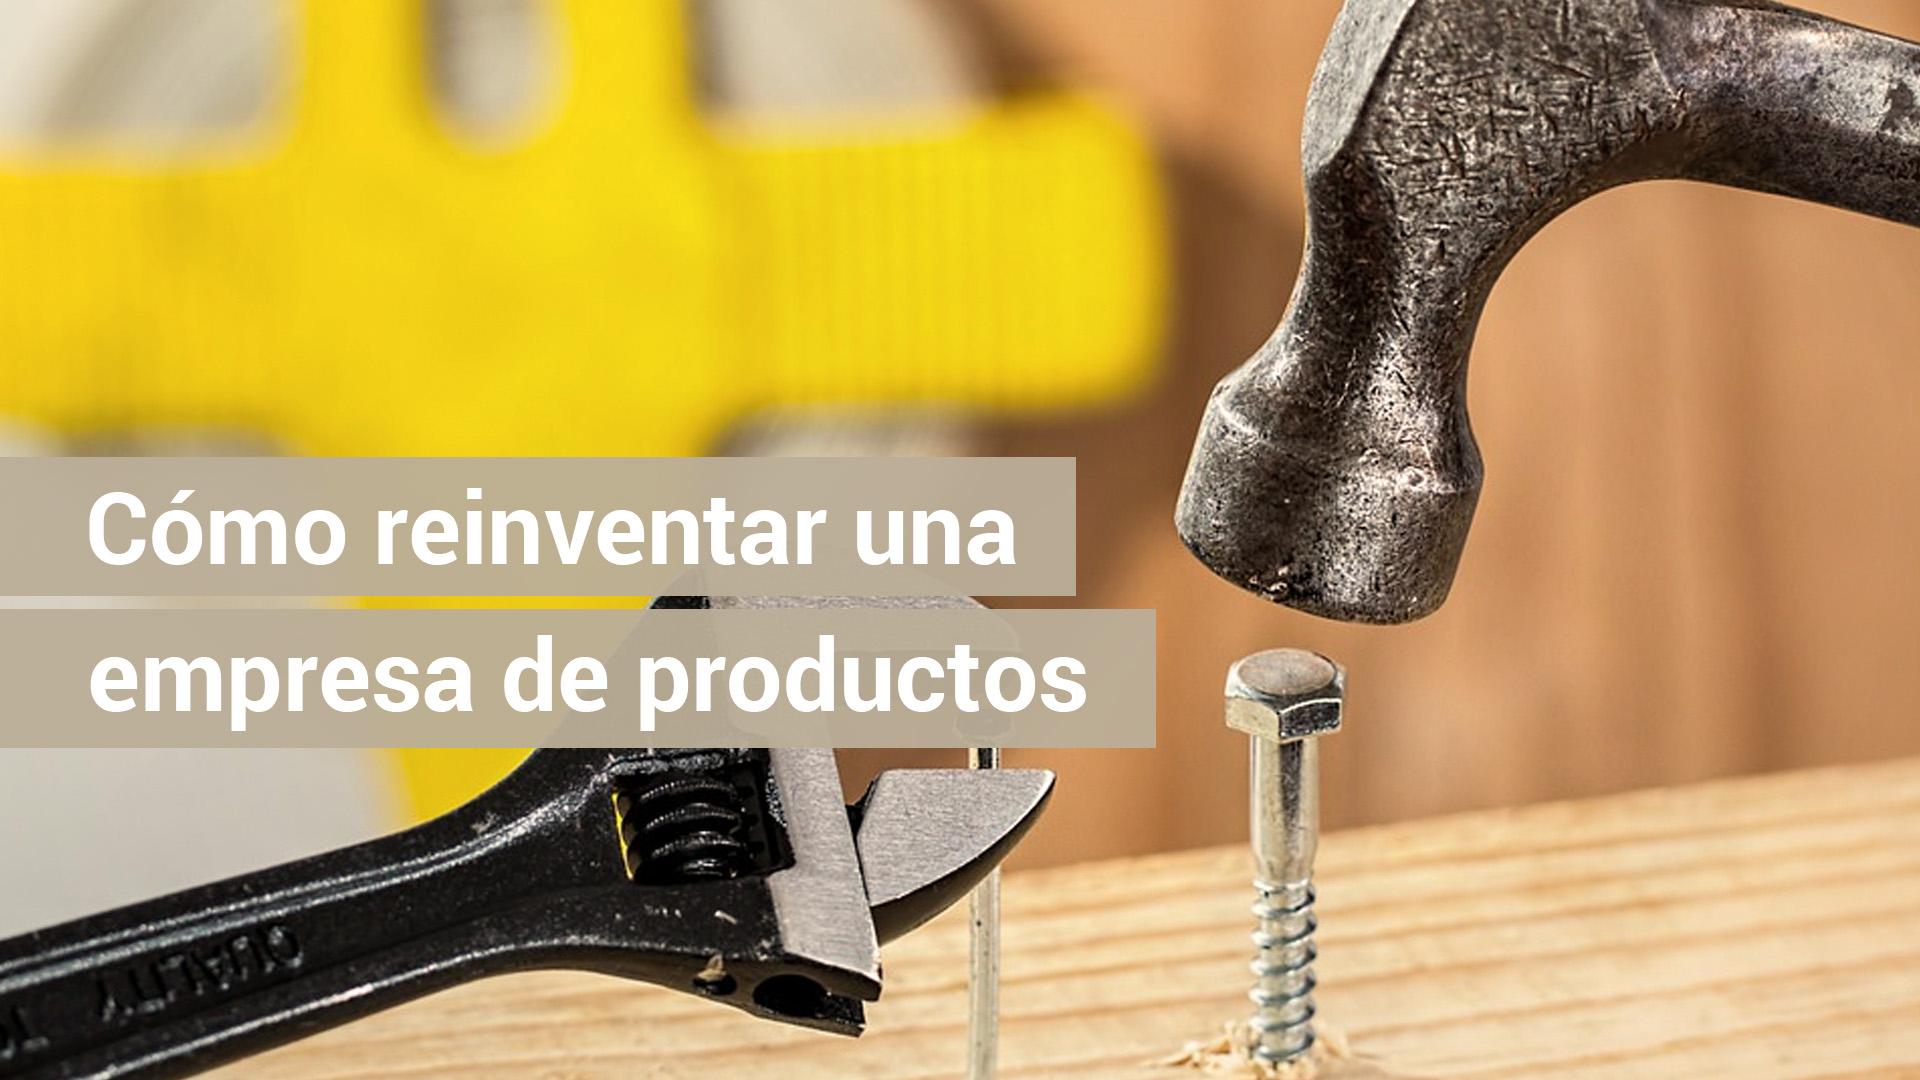 6 ideas para reinventar una empresa de productos